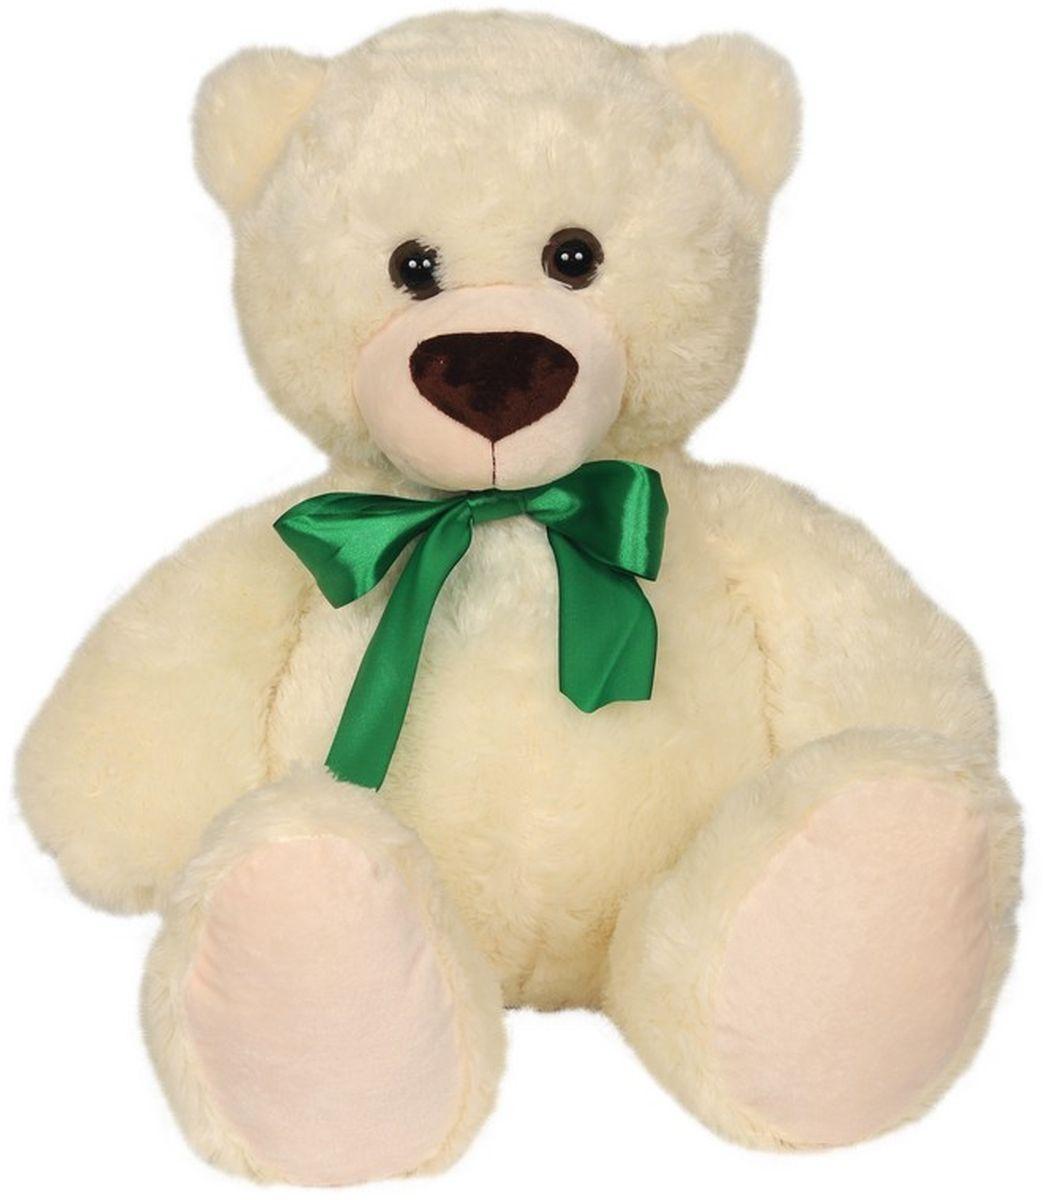 картинка мягкая игрушка медведь замки